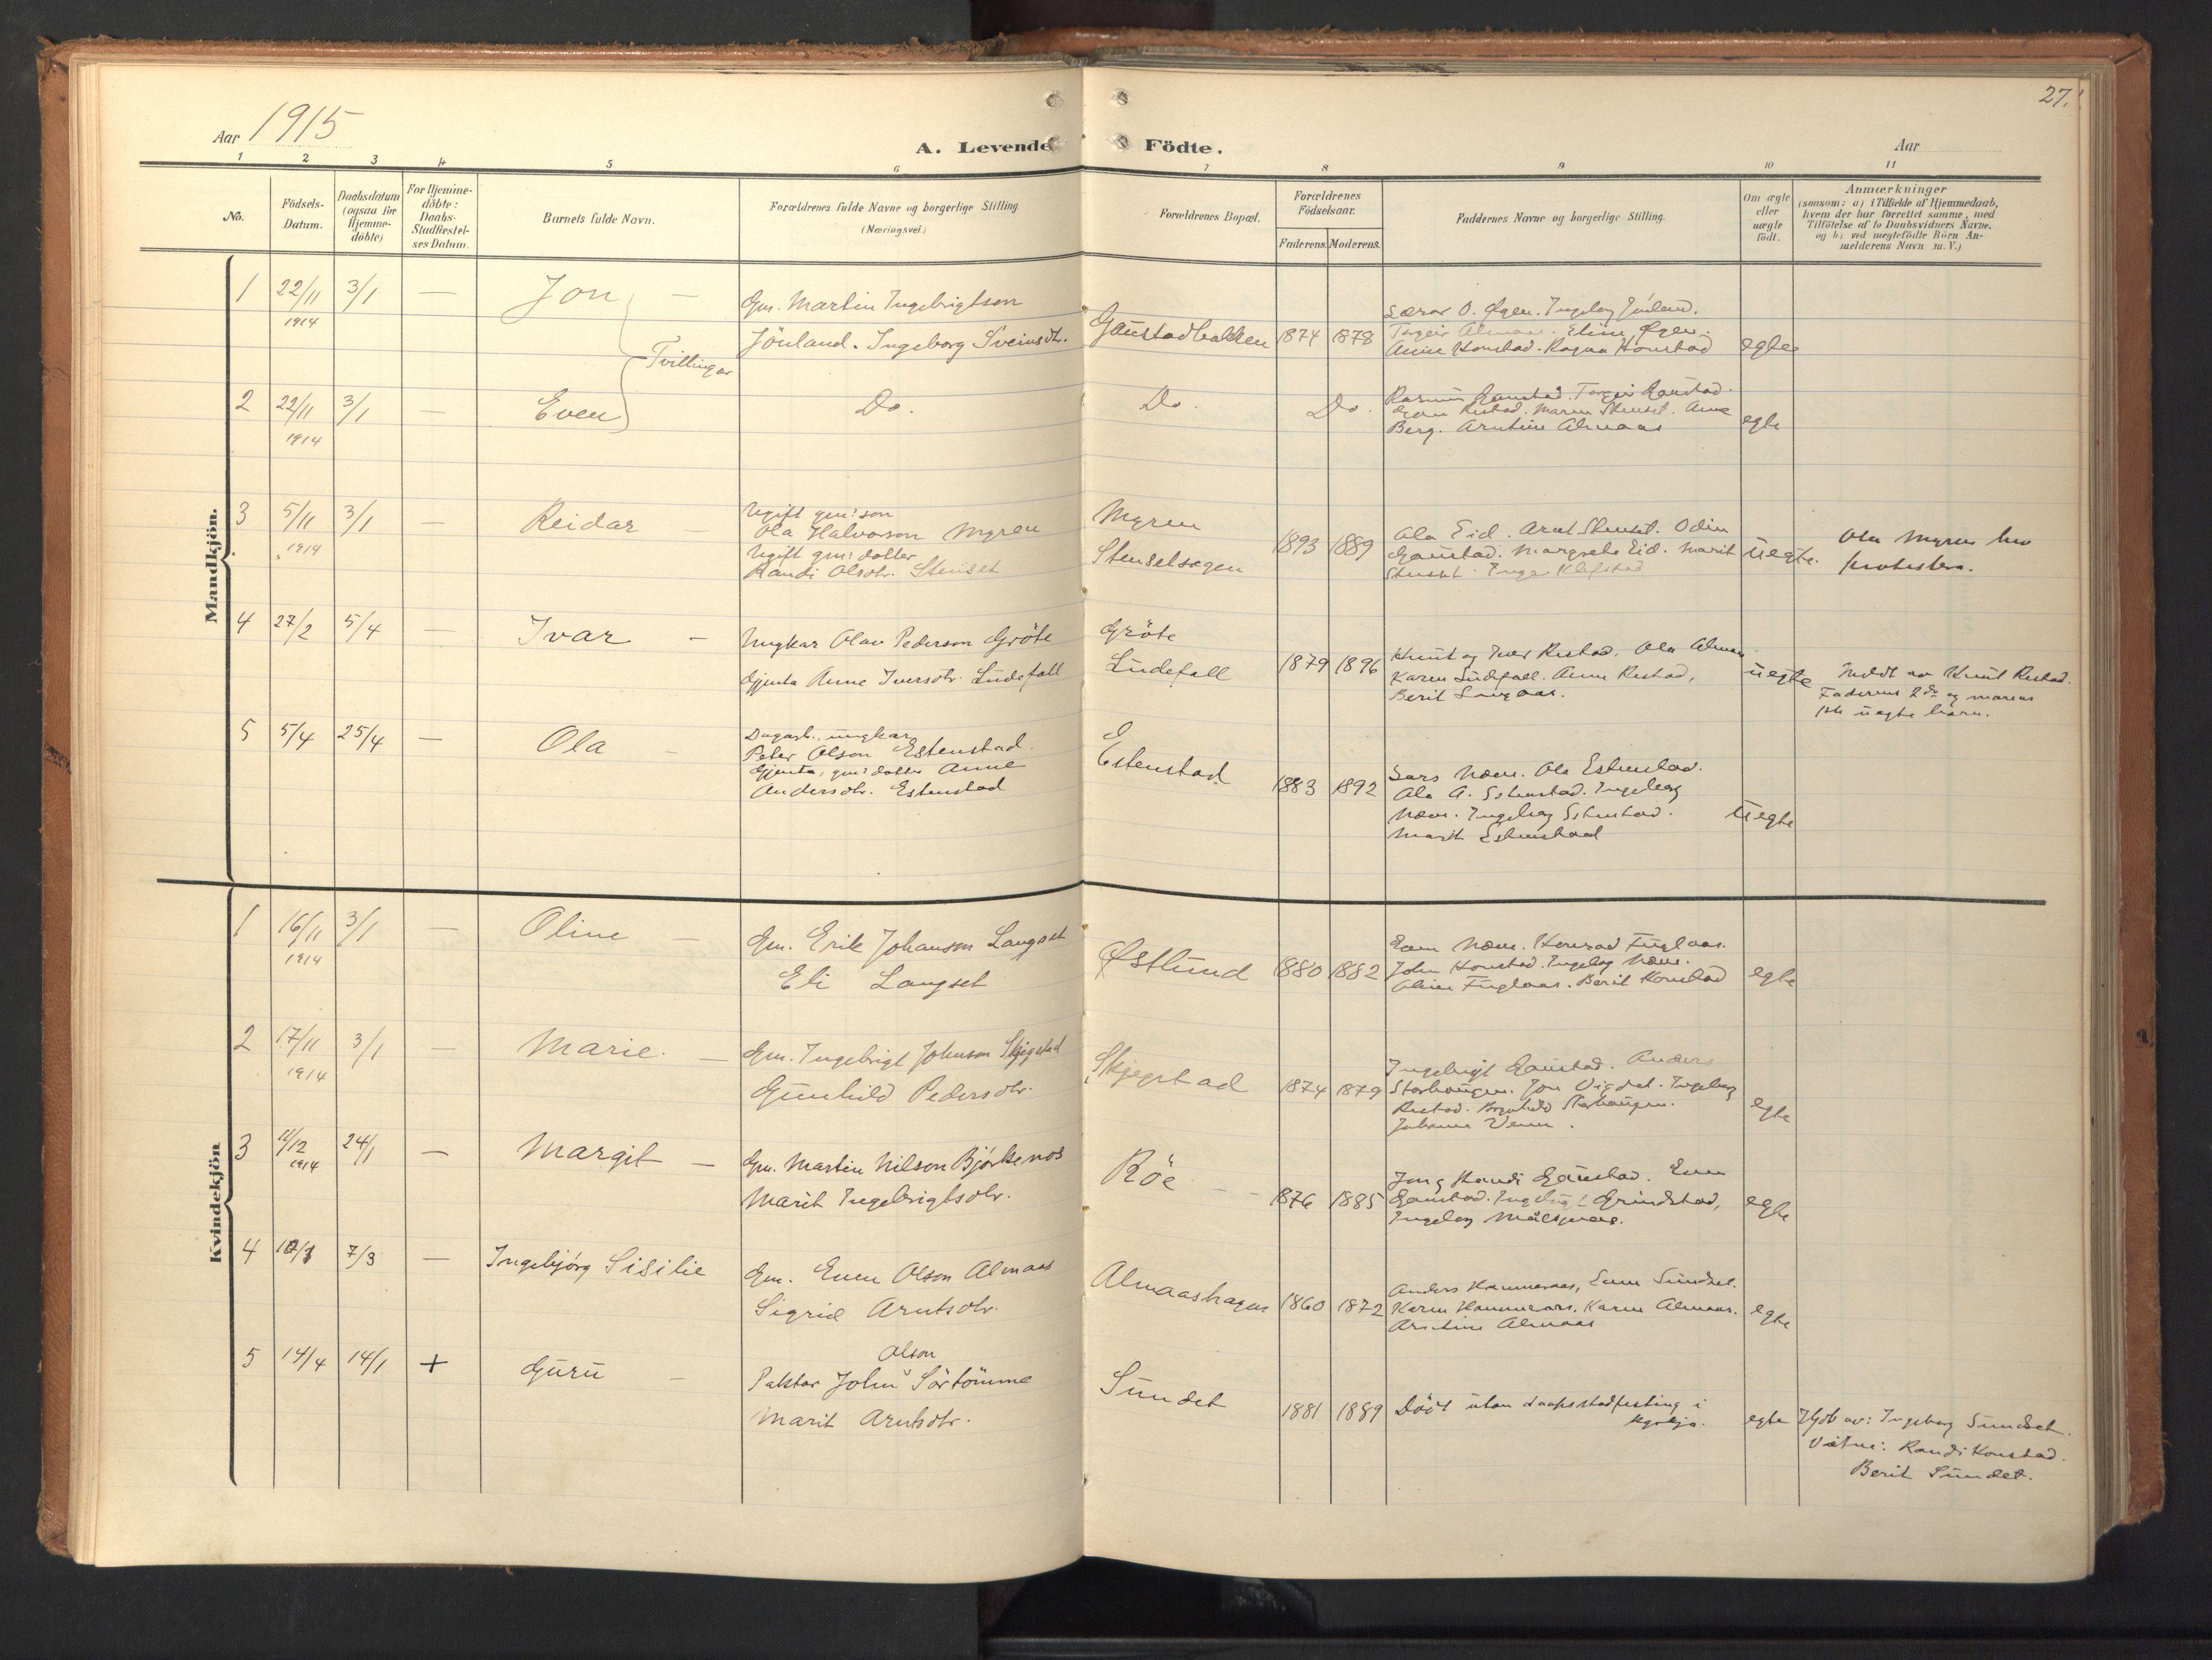 SAT, Ministerialprotokoller, klokkerbøker og fødselsregistre - Sør-Trøndelag, 694/L1128: Ministerialbok nr. 694A02, 1906-1931, s. 27